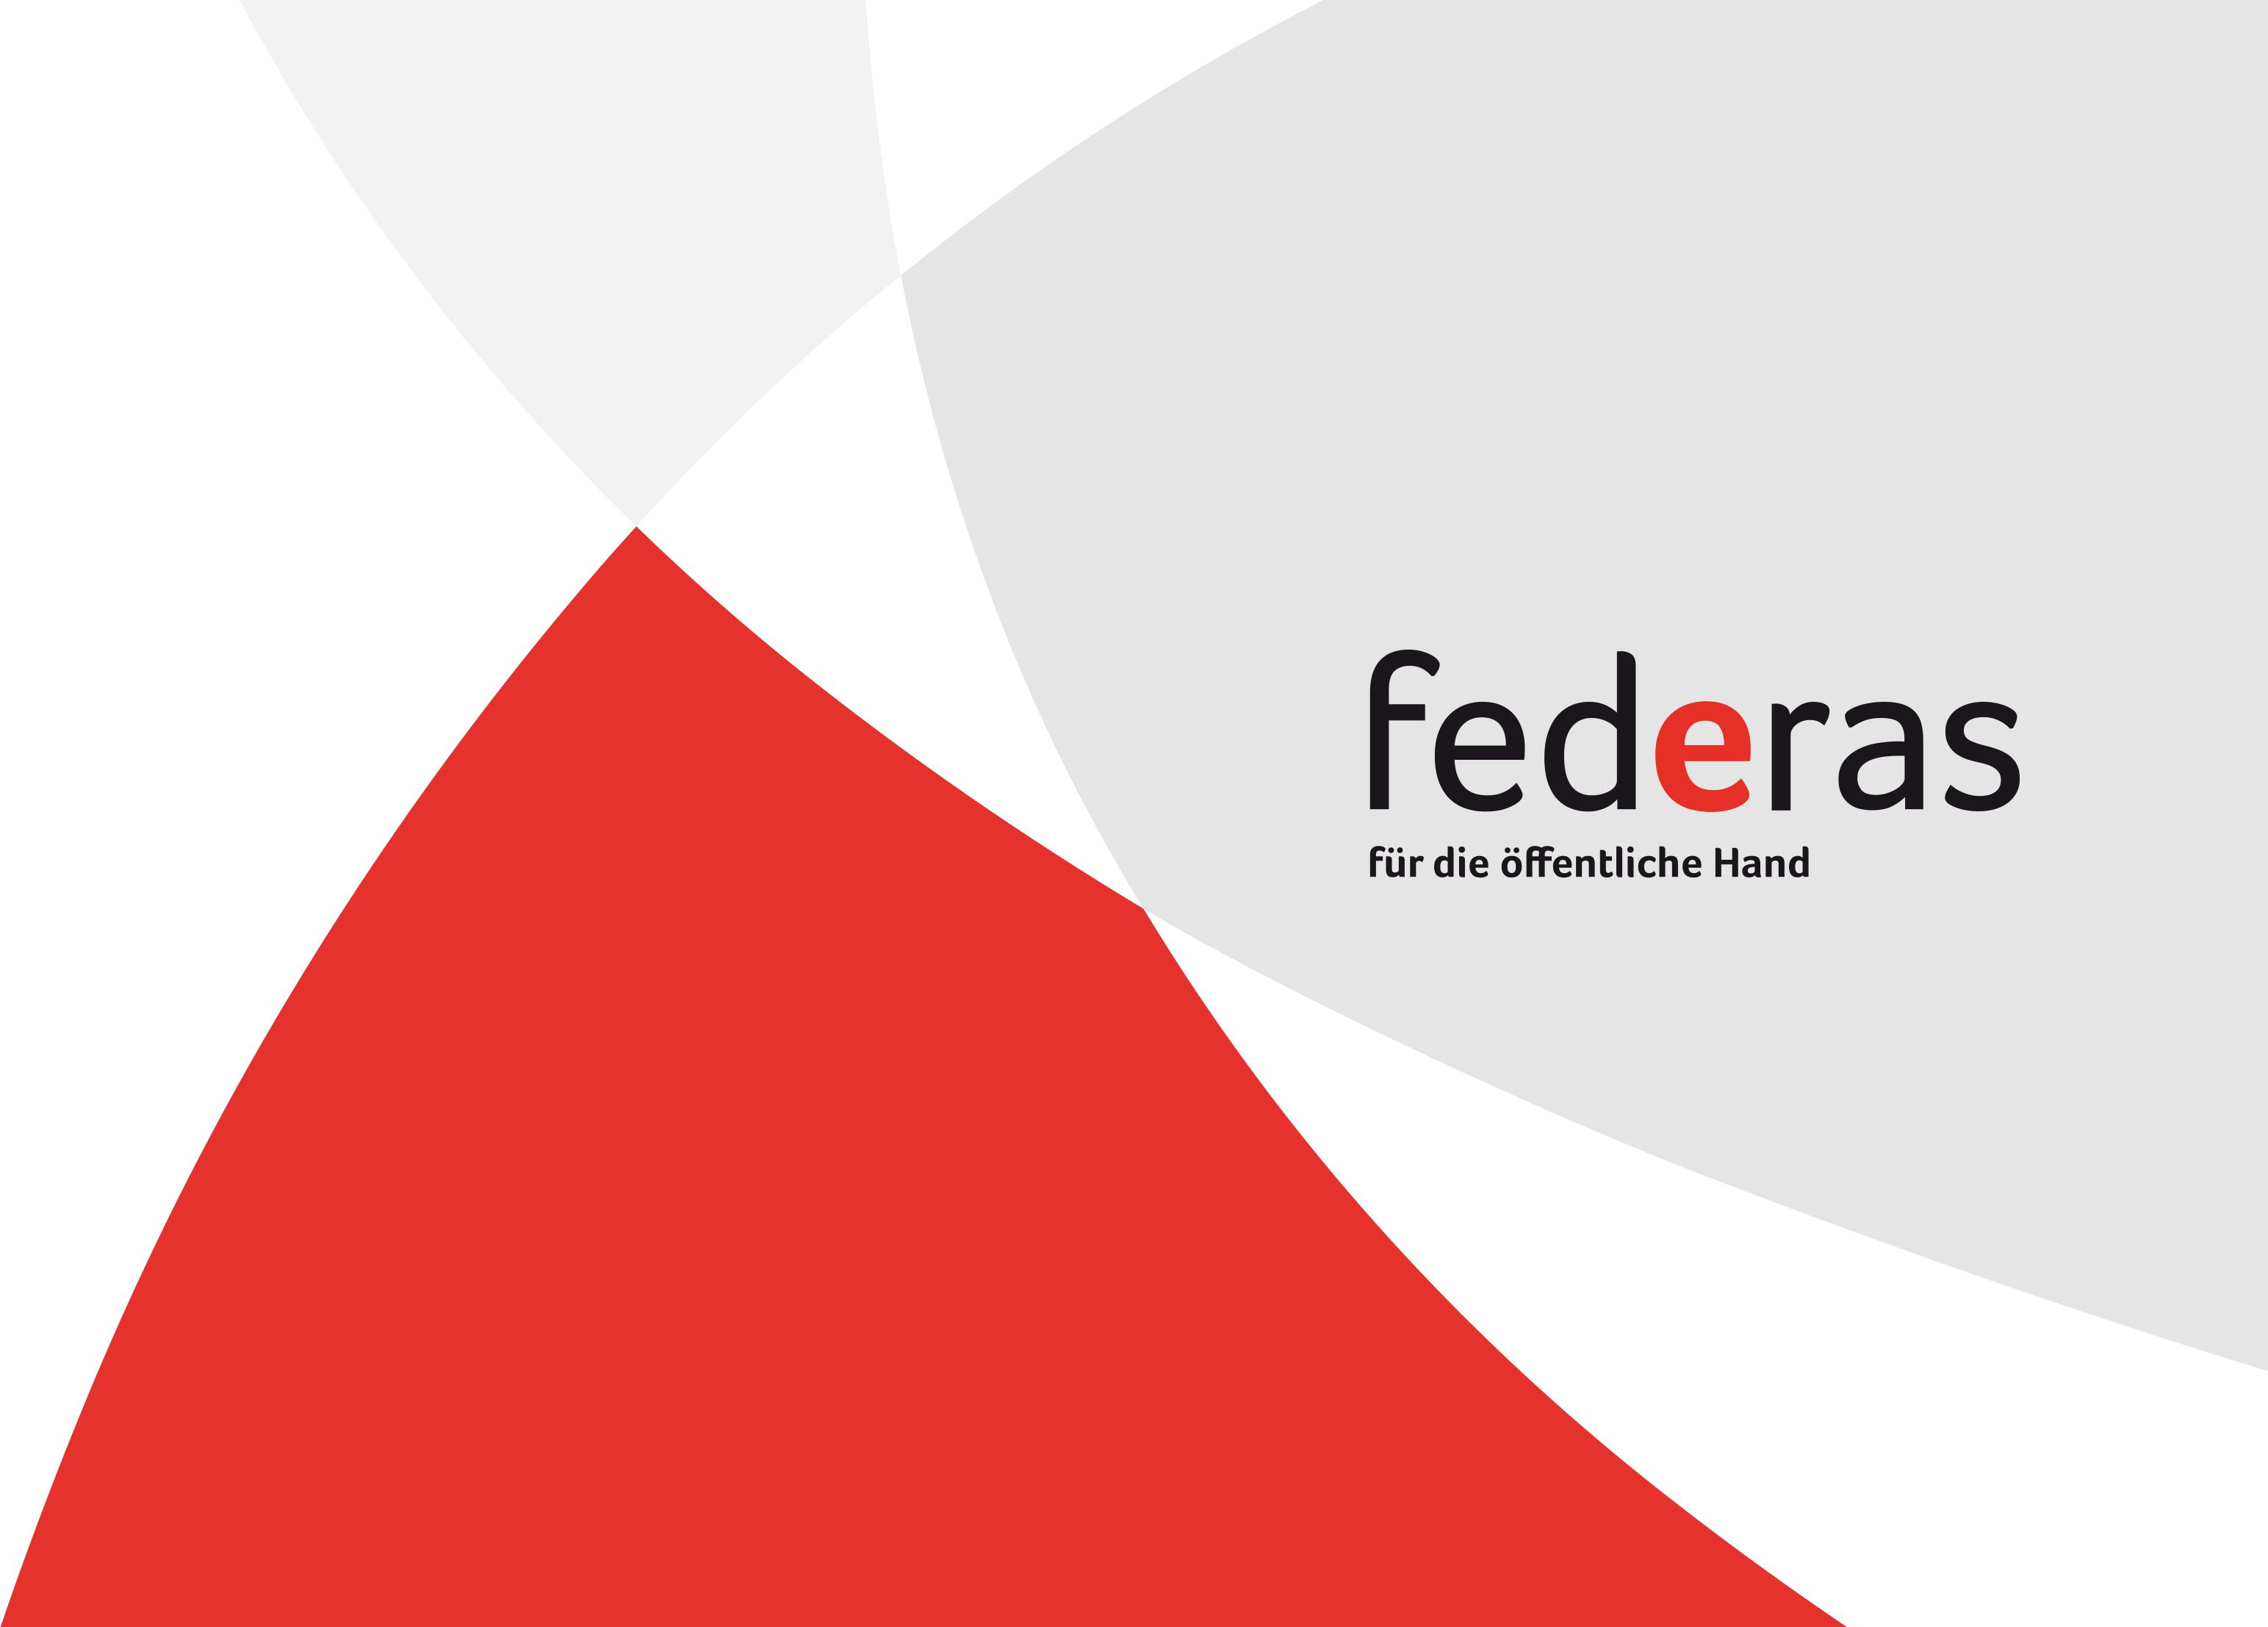 Federas Logo und sekundäres Gestaltungselement. Corporate Design und Kommunikation mit dem Blick aufs Ganze und der Leidenschaft für gute Gestaltung.